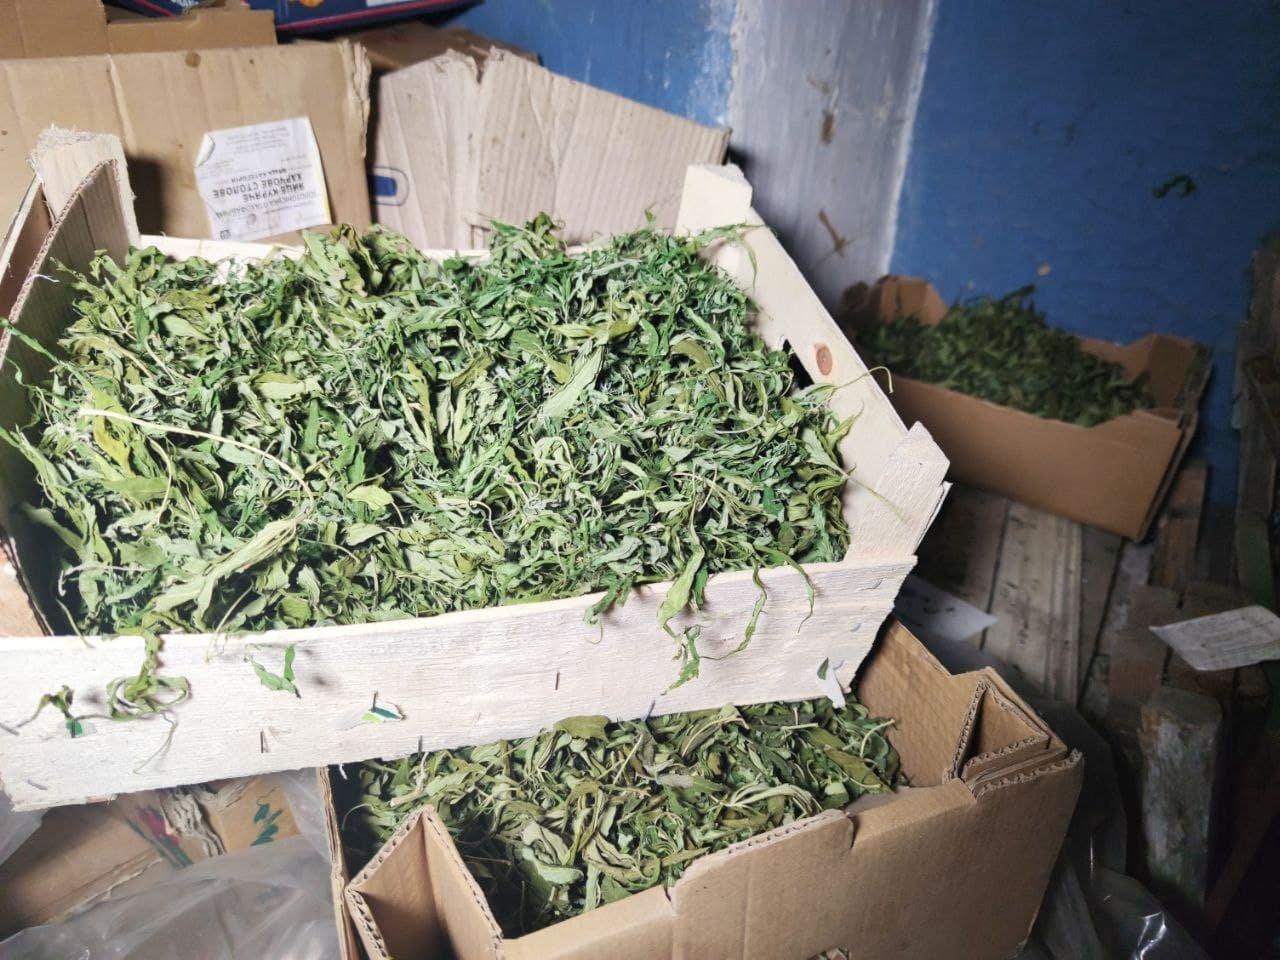 У сімейного дебошира з Райгородка знайшли шість ящиків з марихуаною, фото-3